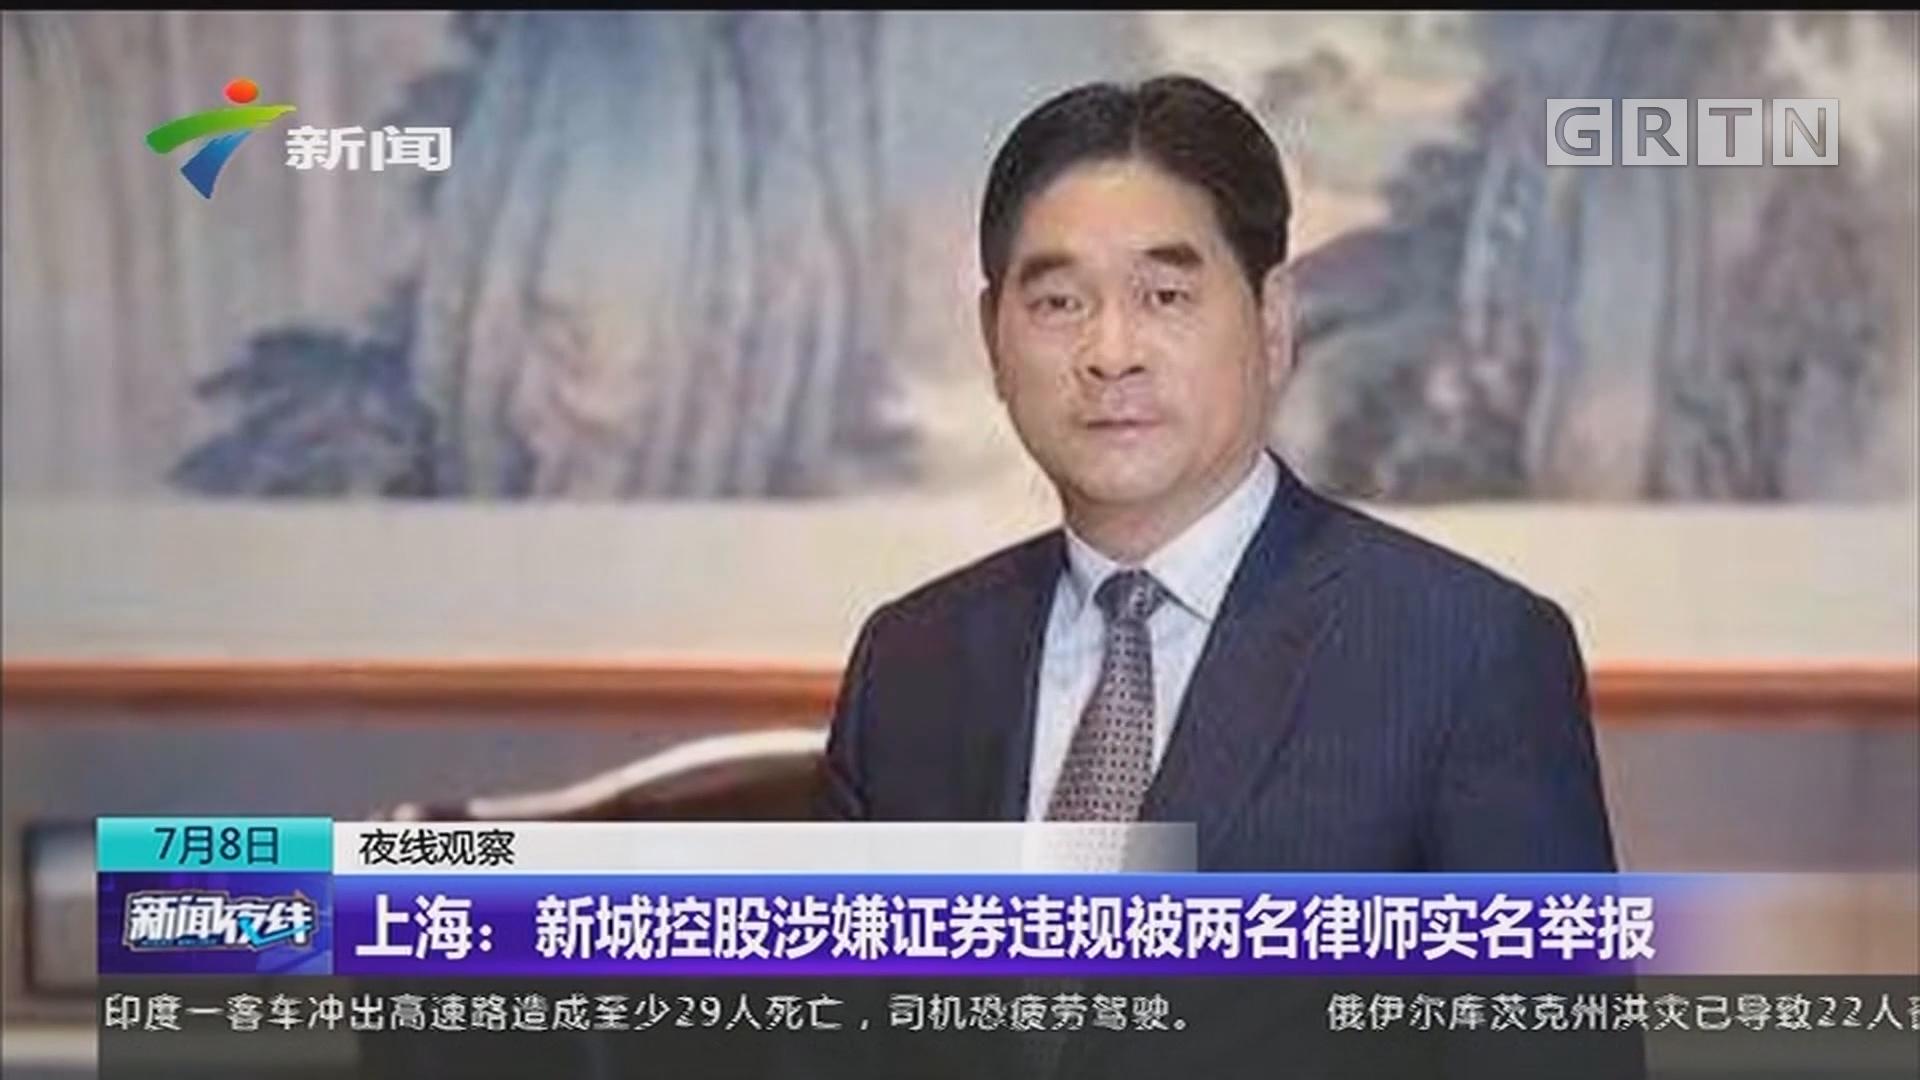 上海:新?#24378;?#32929;涉?#21448;?#21048;违规被两名律师实名举报